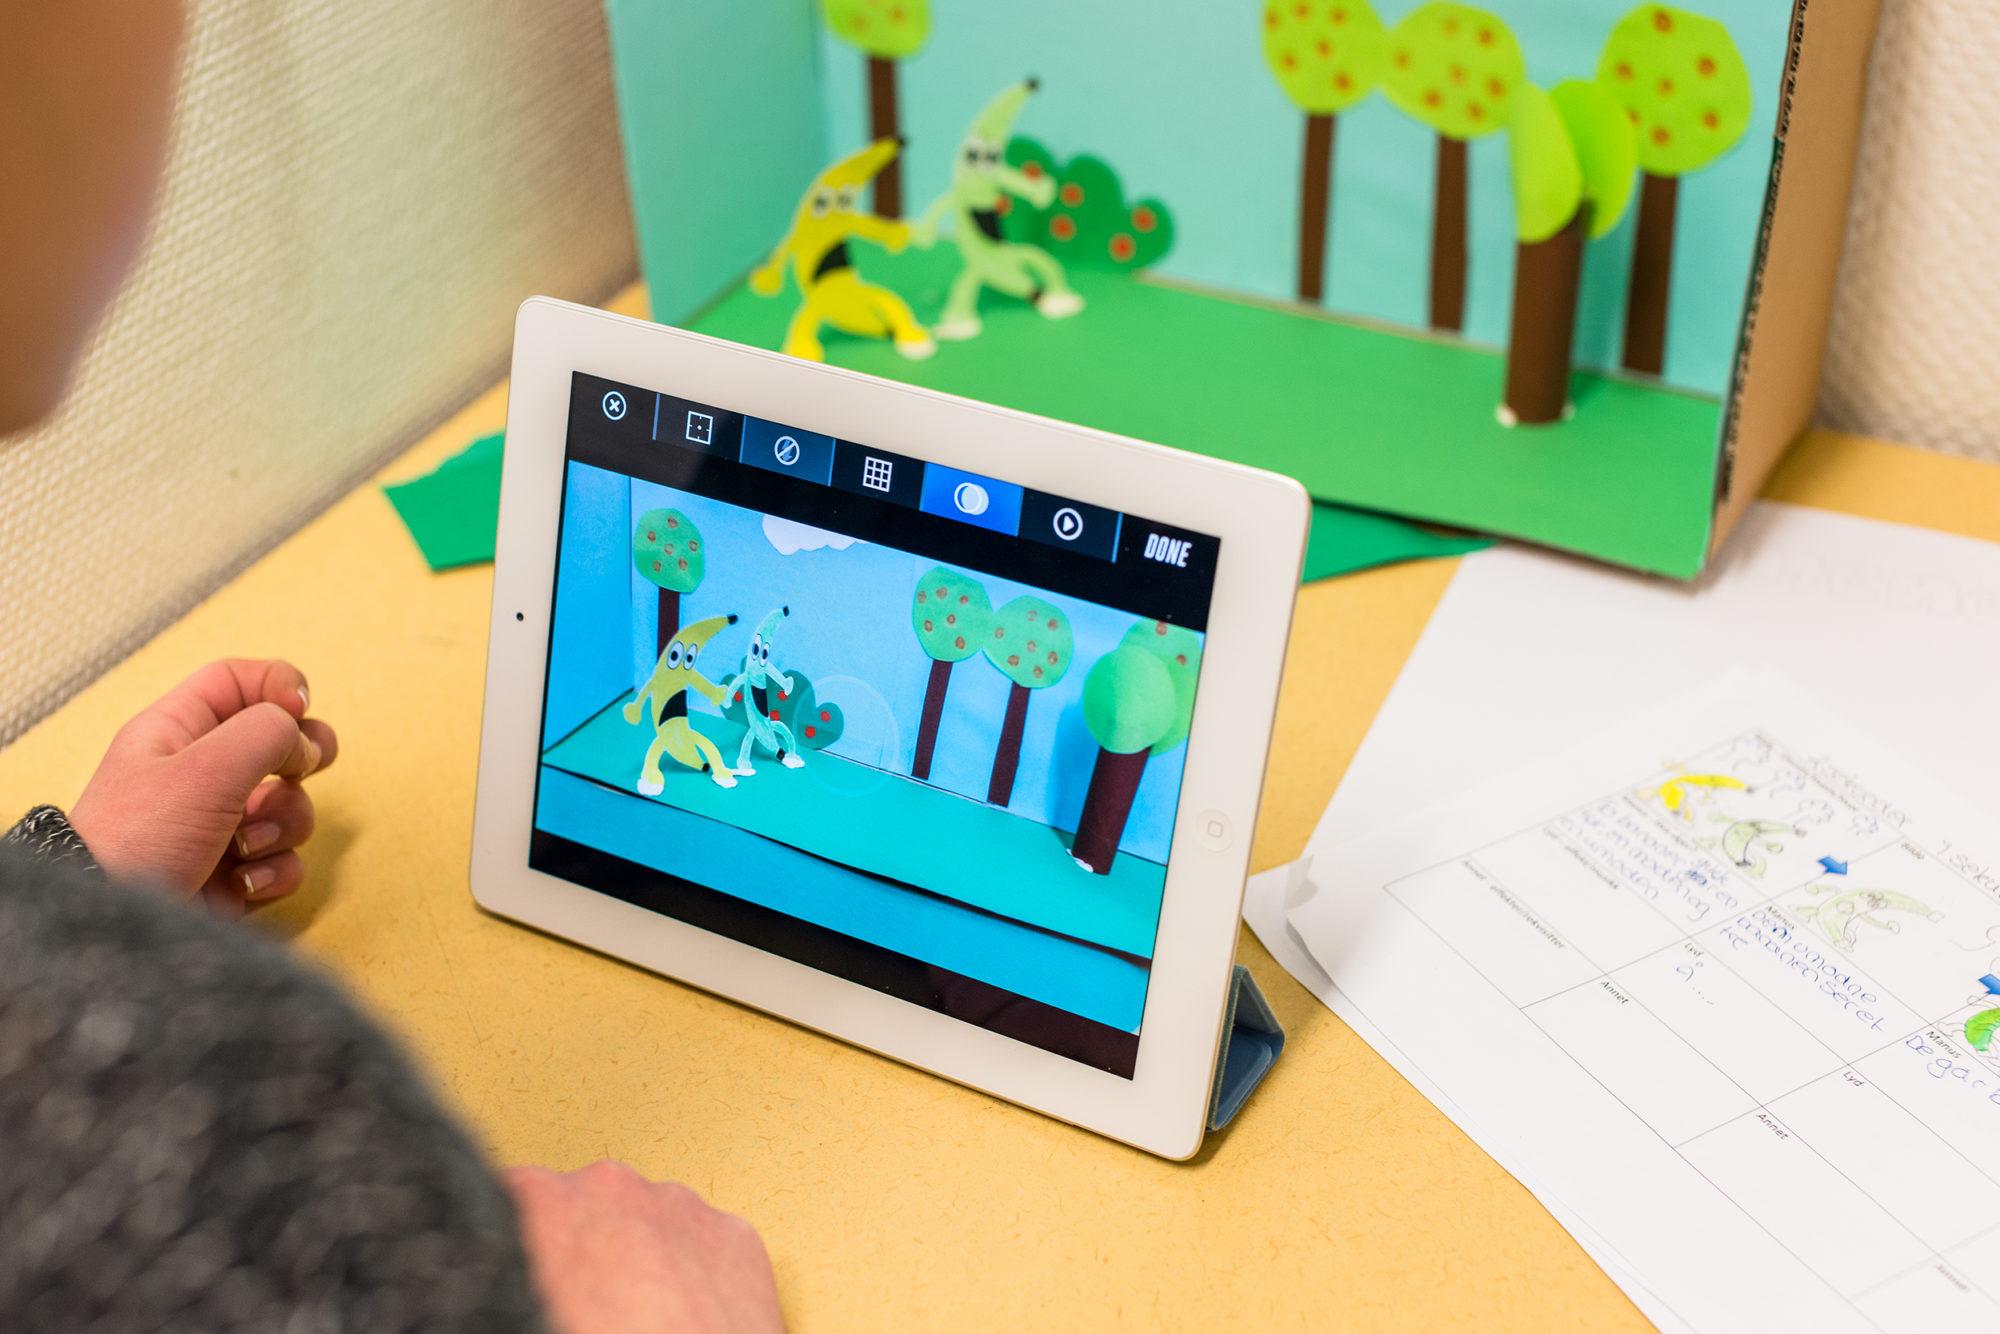 Ungdomsskoleelev som animerer på iPad